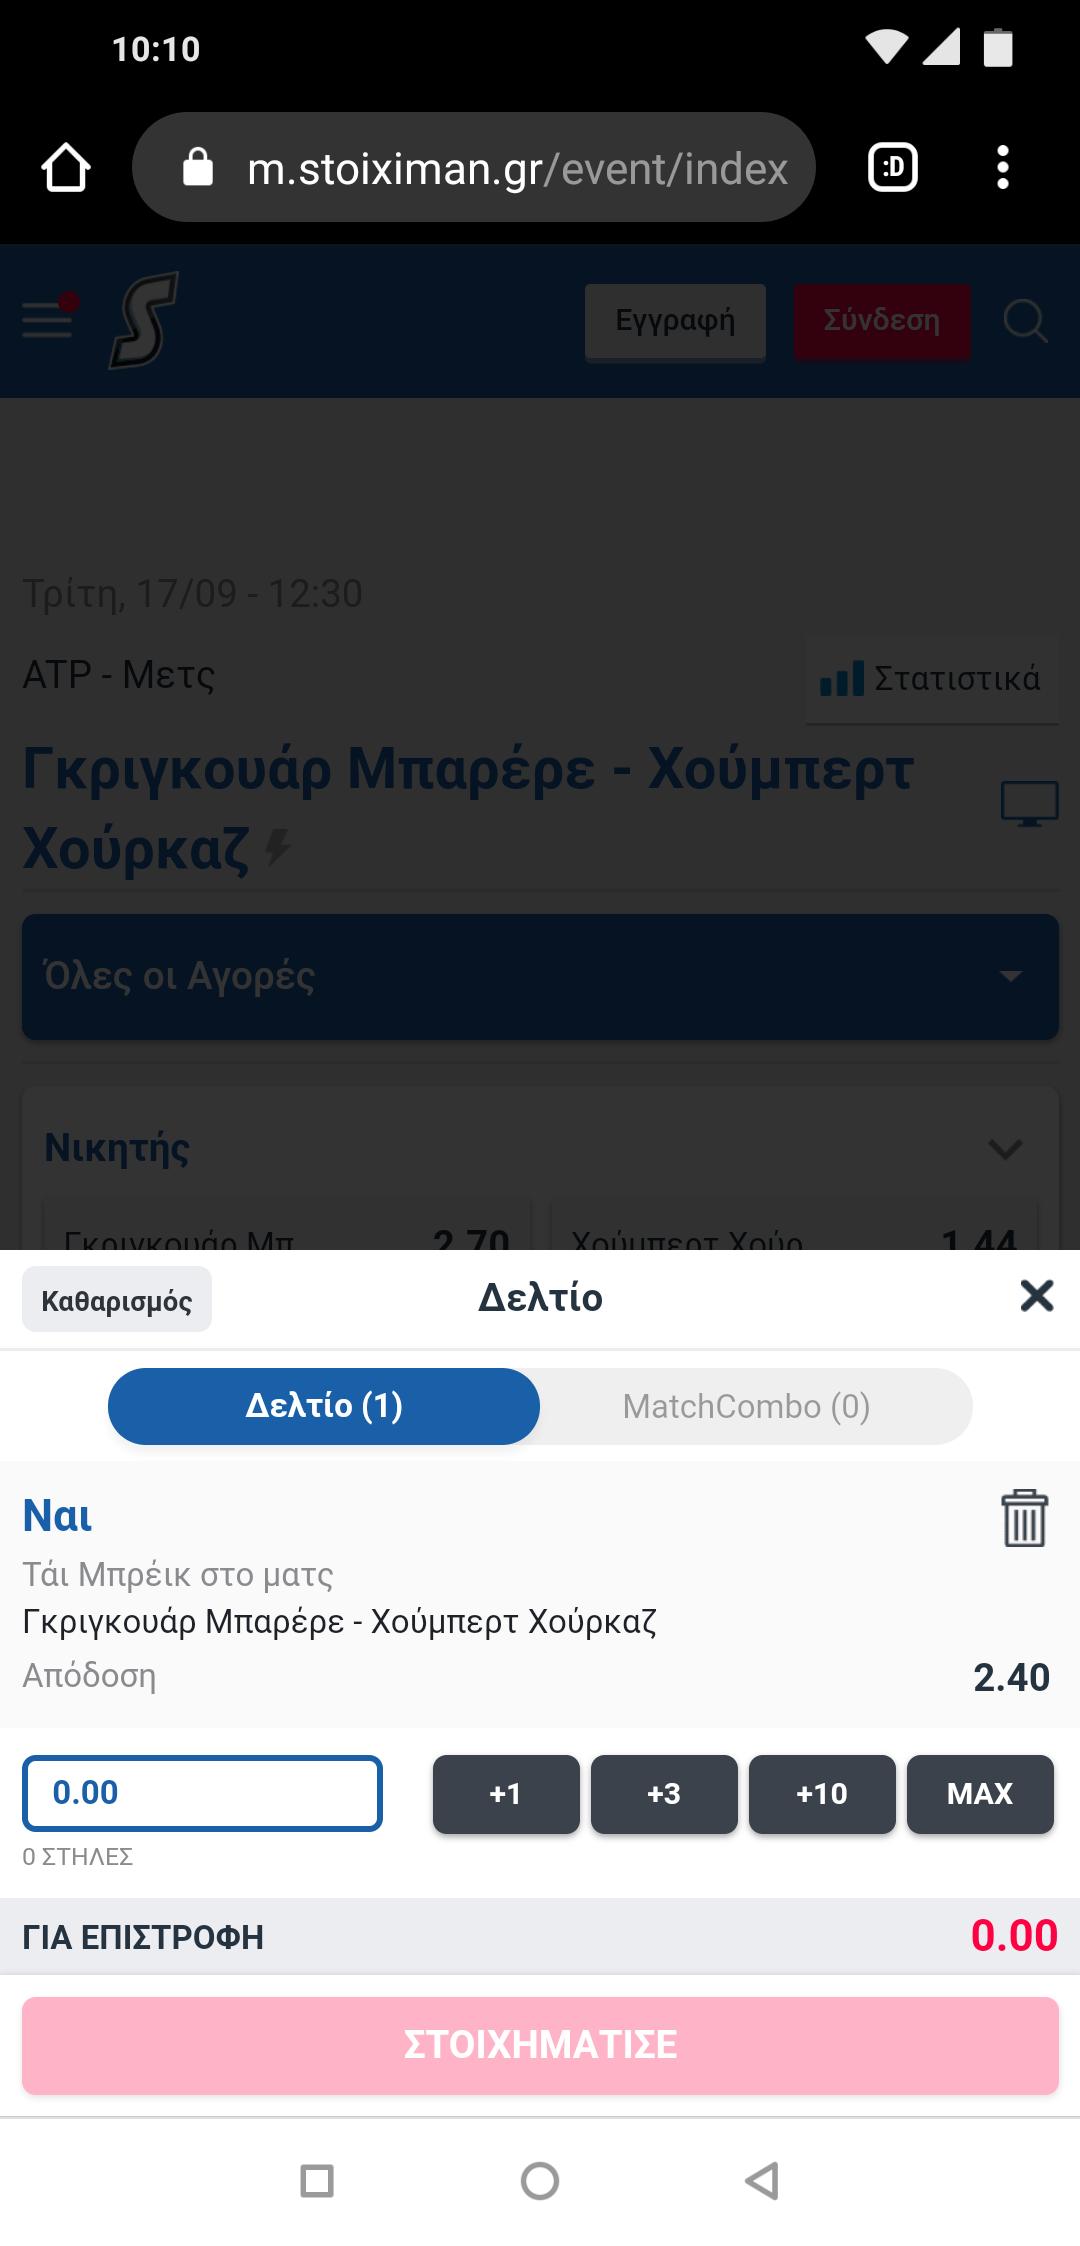 Screenshot_2019-09-17-10-10-51-551_com.android.chrome.png